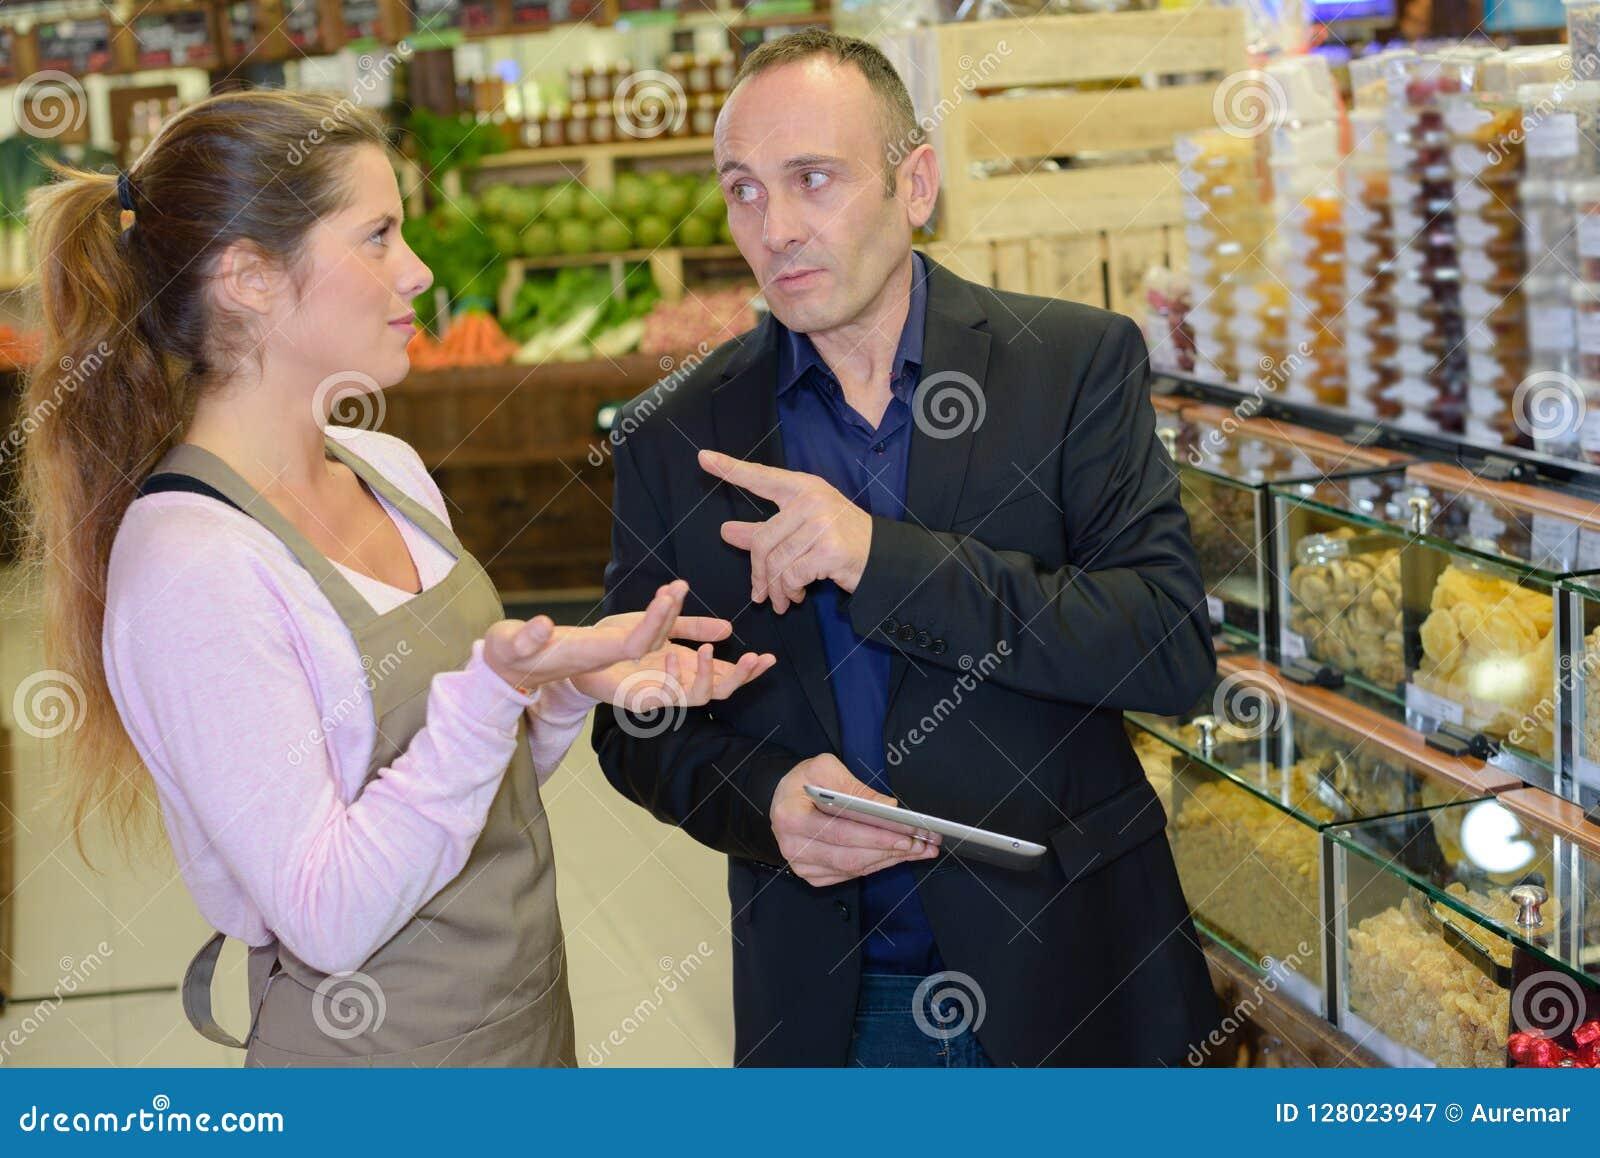 Misbruik in de winkel